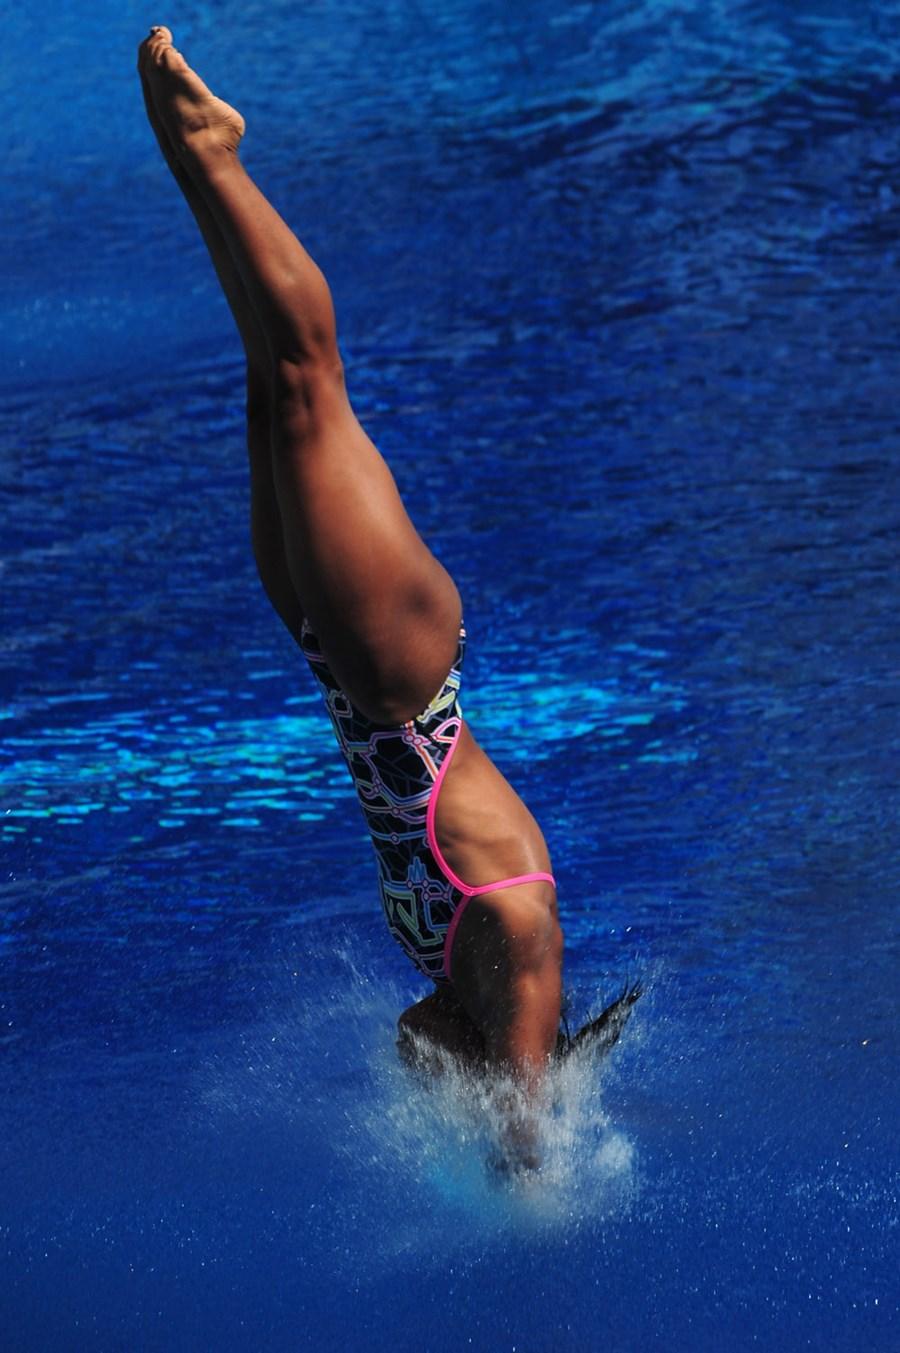 Эффектные фотографии с чемпионата мира по плаванию в Испании 0 e55ce c1037230 orig